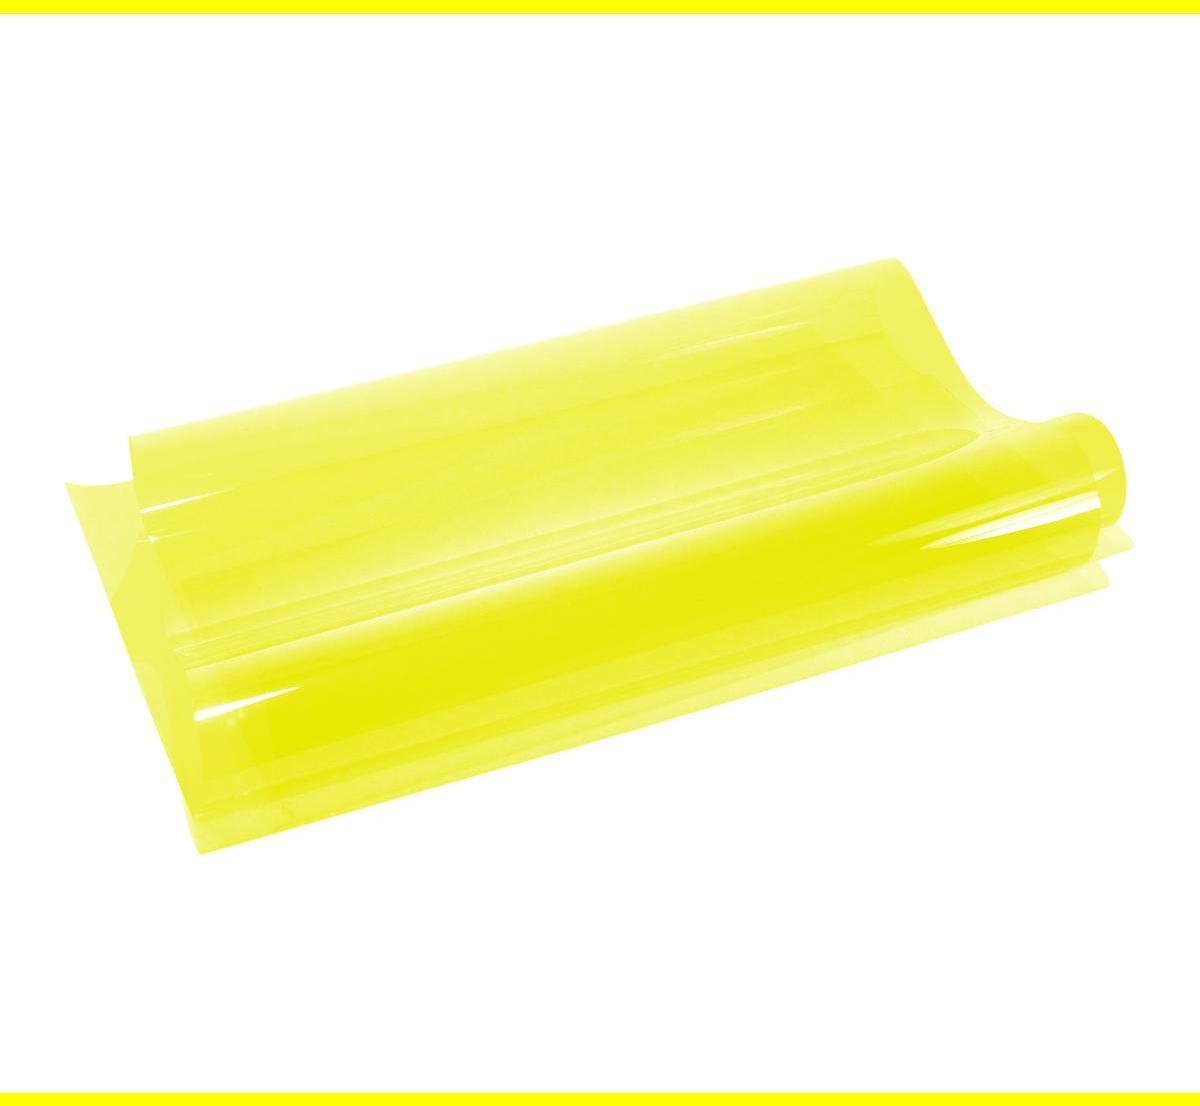 An image of 010 Medium Yellow Lighting Gel Sheet